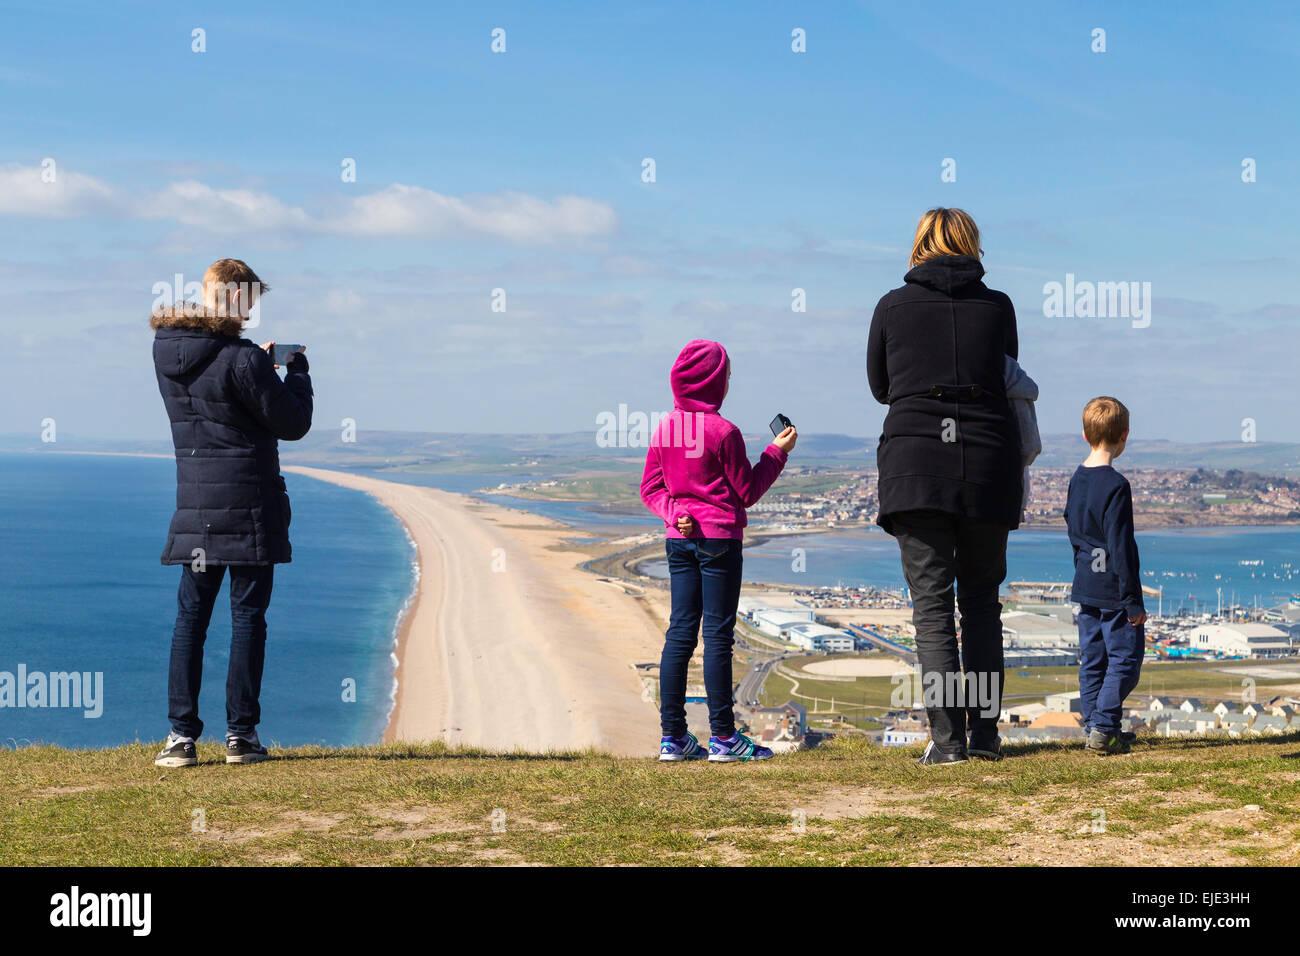 Una familia alemana está tomando fotos y disfrutando de las vistas del puerto de Portland y Cesil Beach en un soleado Foto de stock